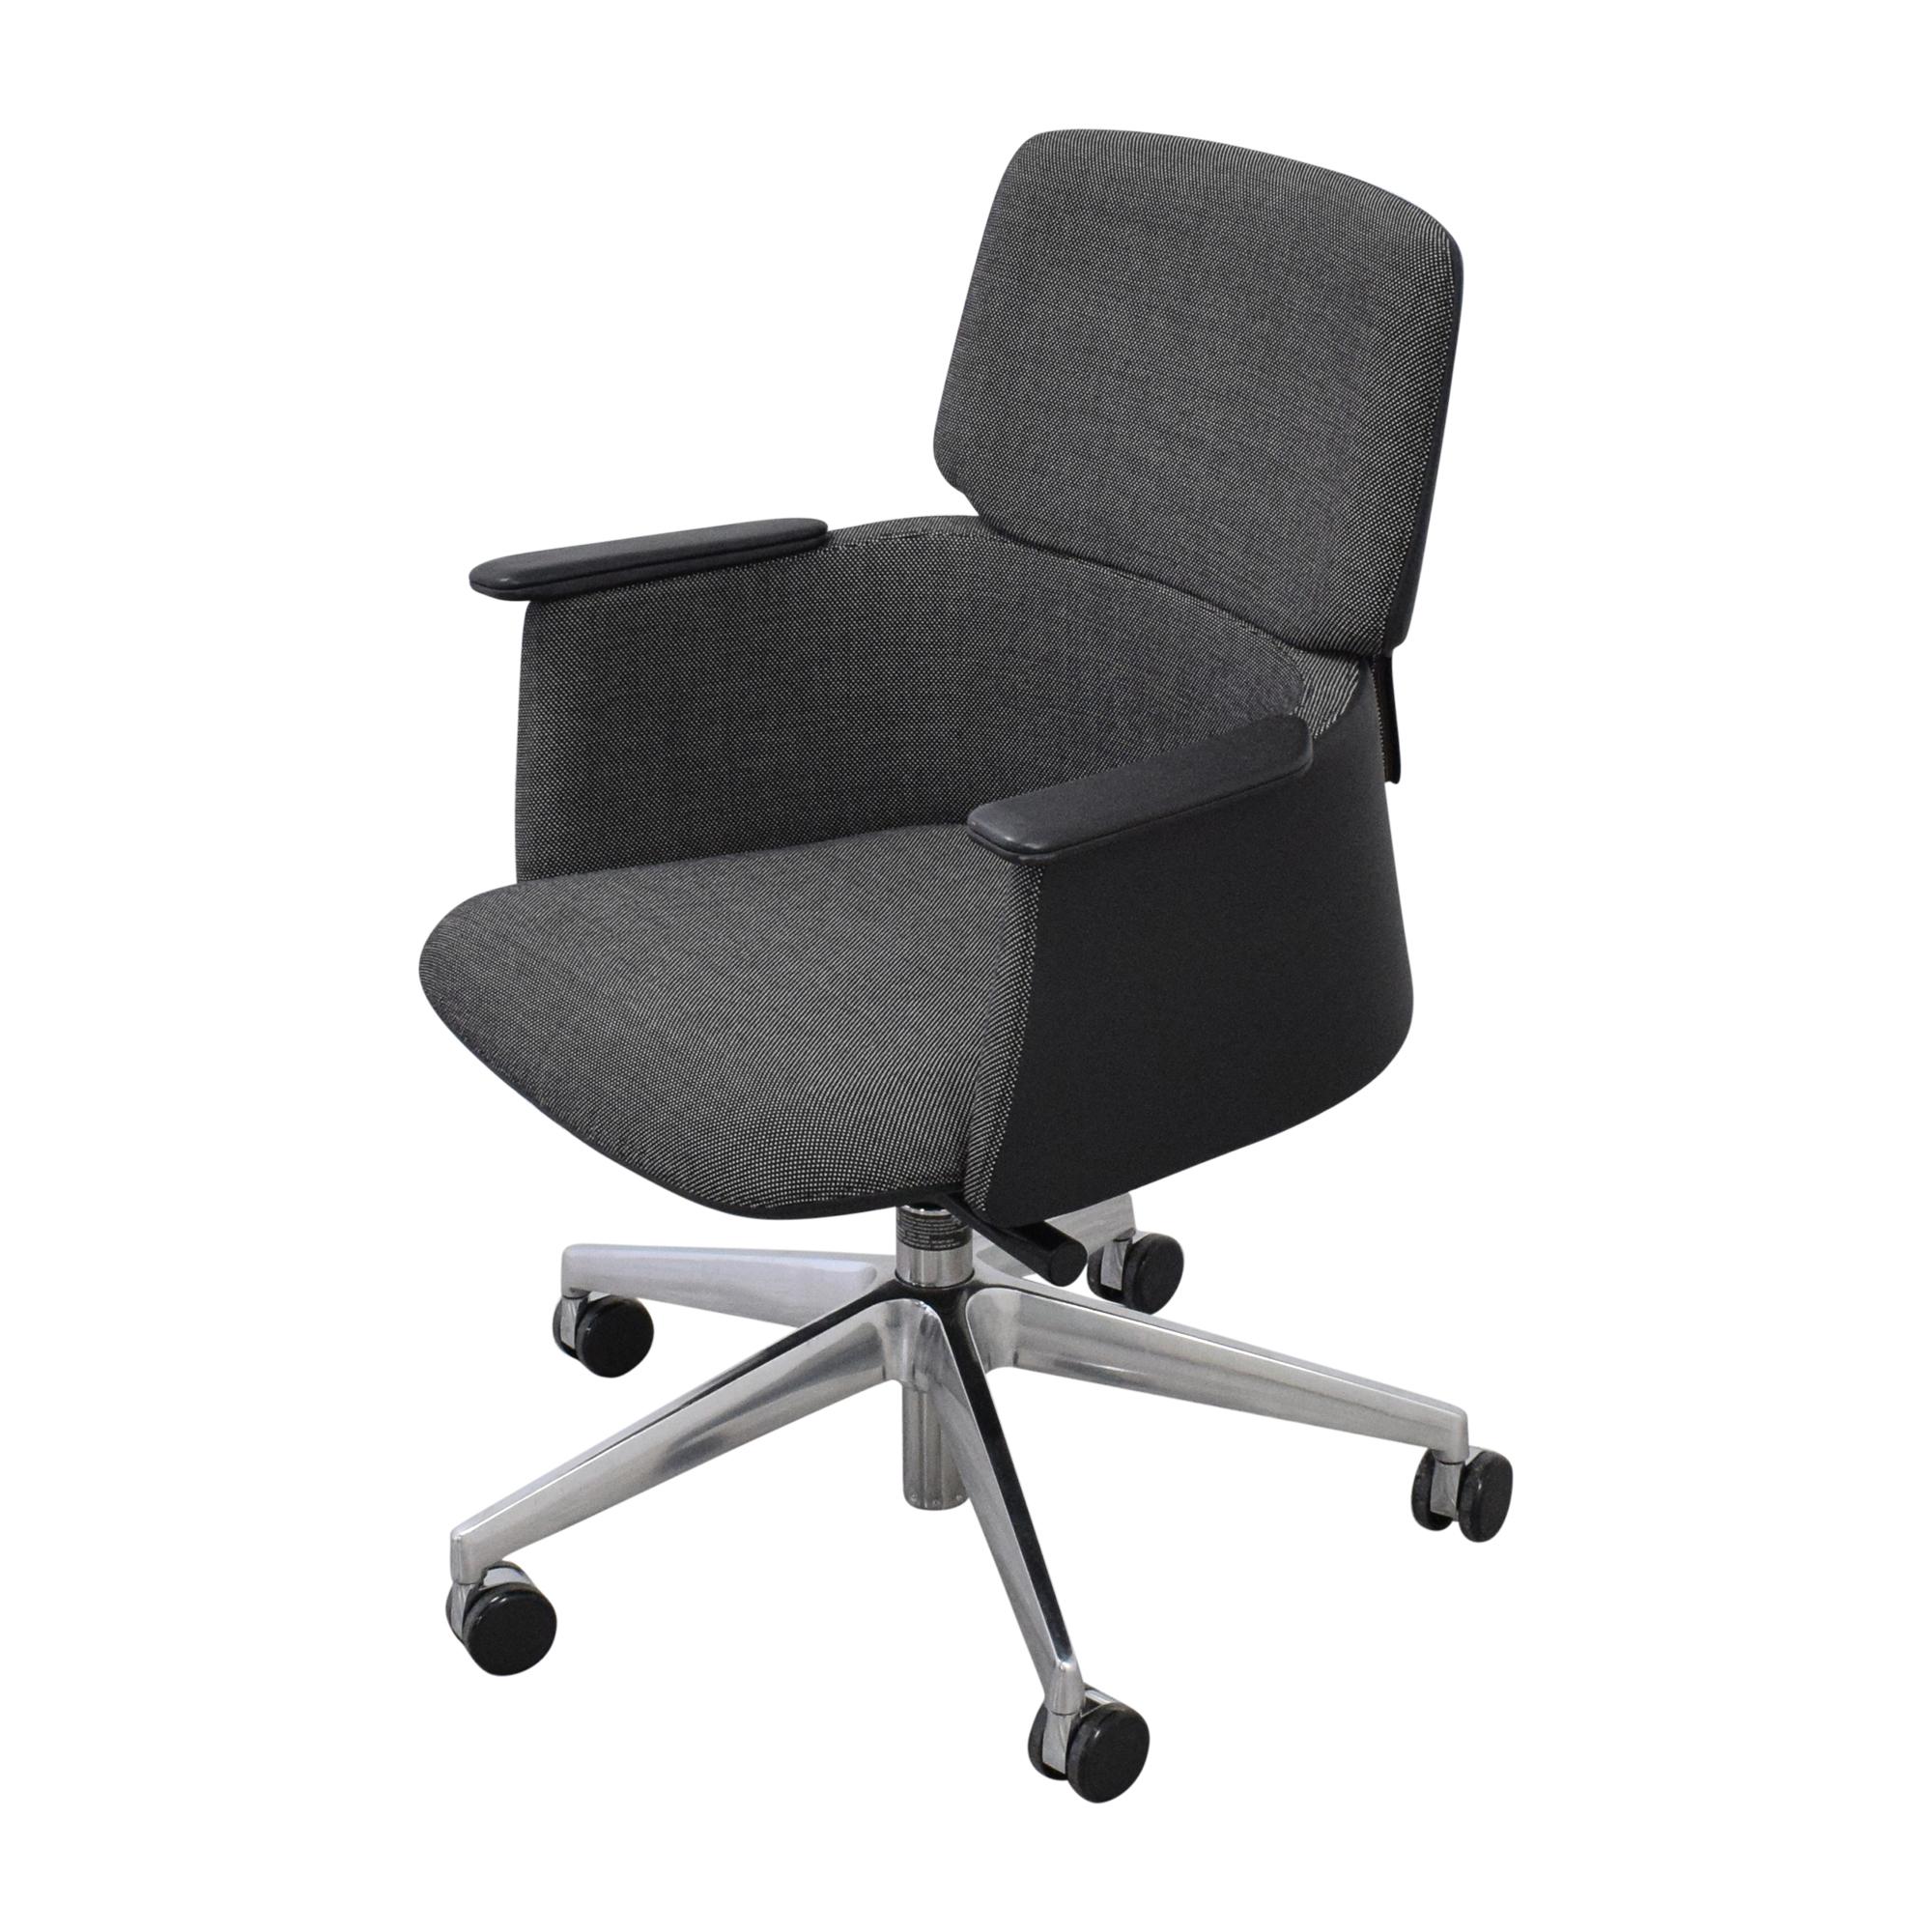 shop Koleksiyon Tola Task Chair Koleksiyon Home Office Chairs